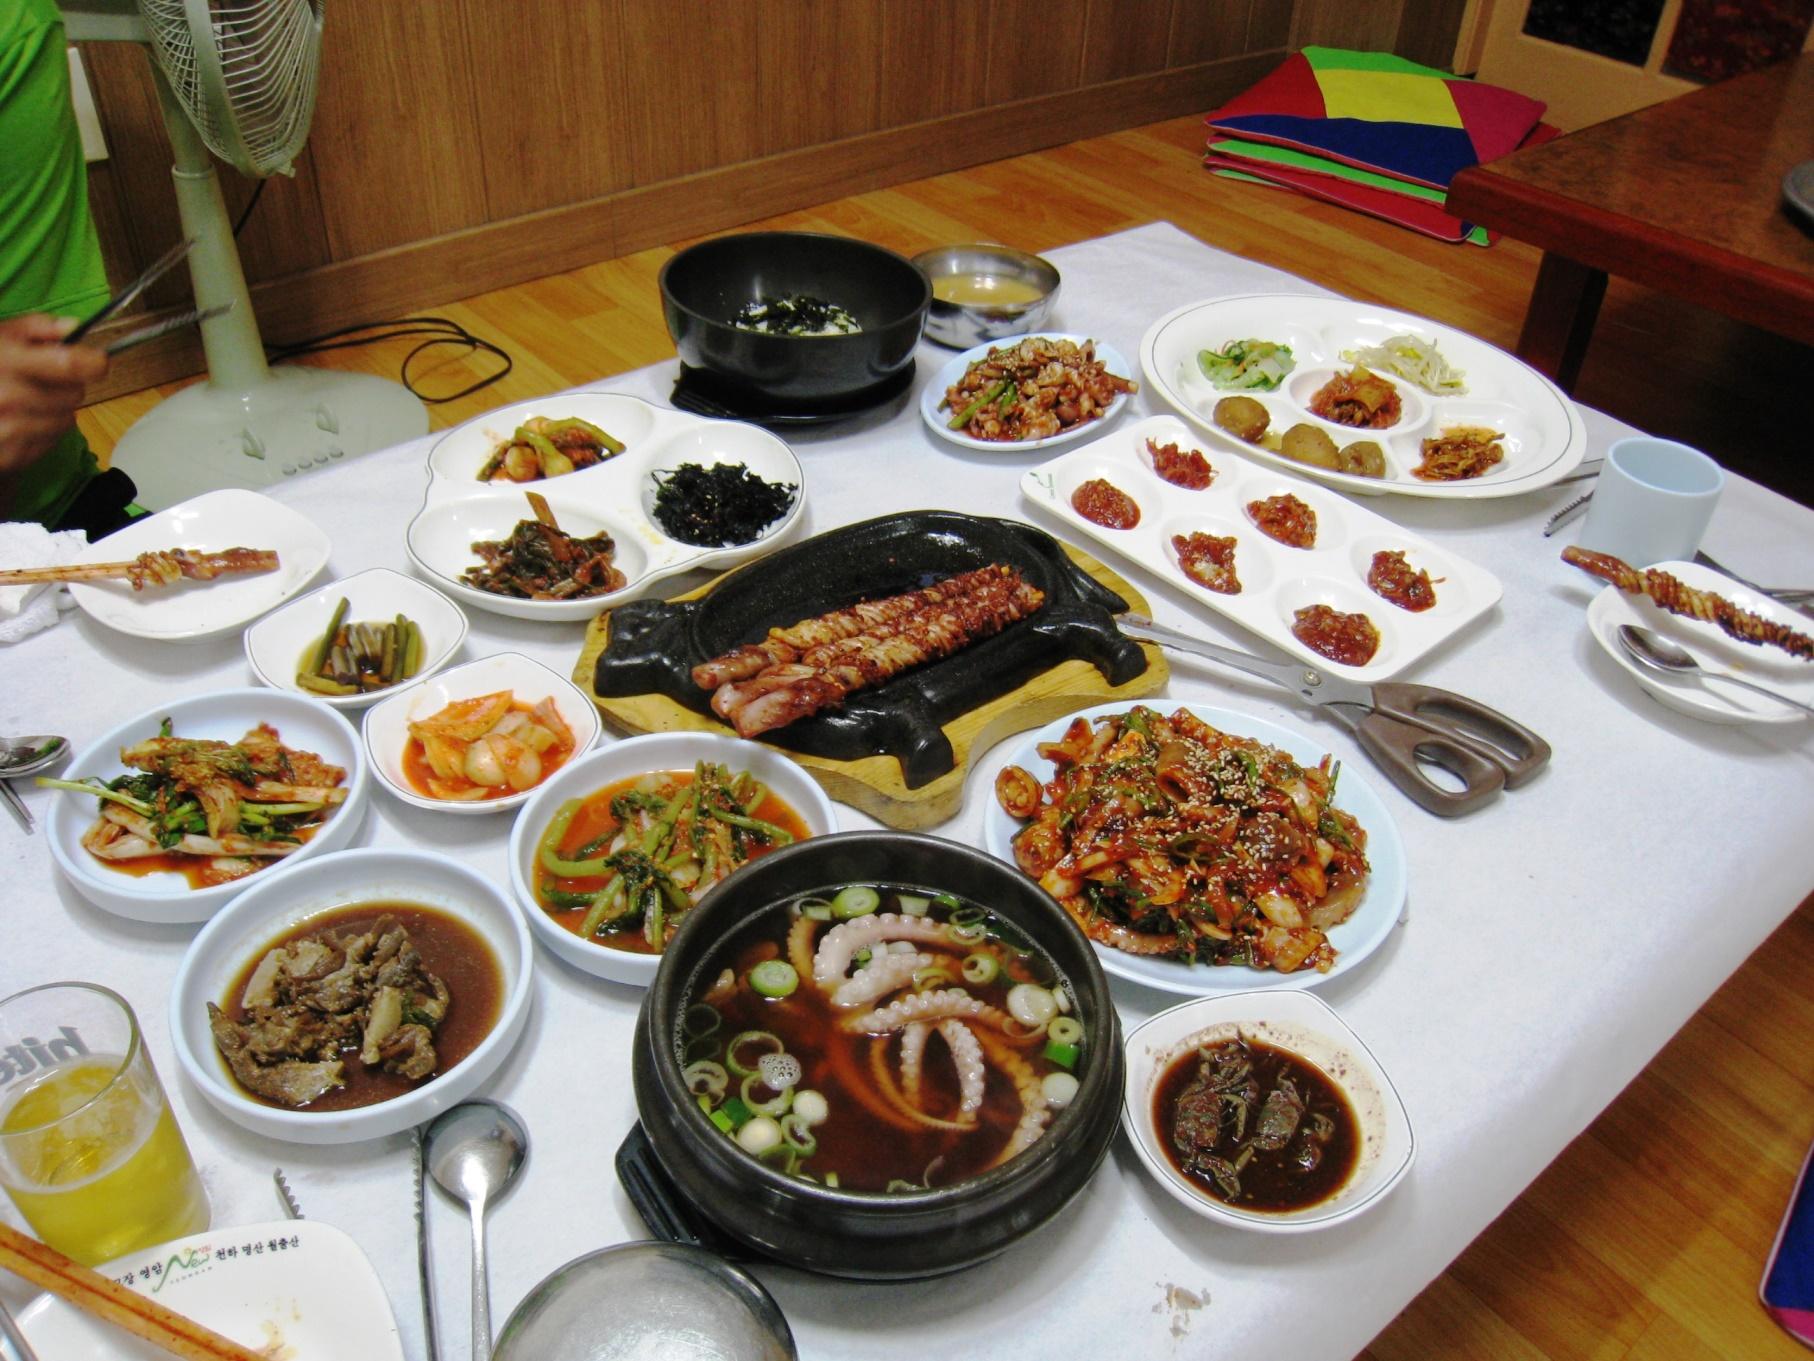 ナクチ(手長蛸)料理(2日目 夕食)